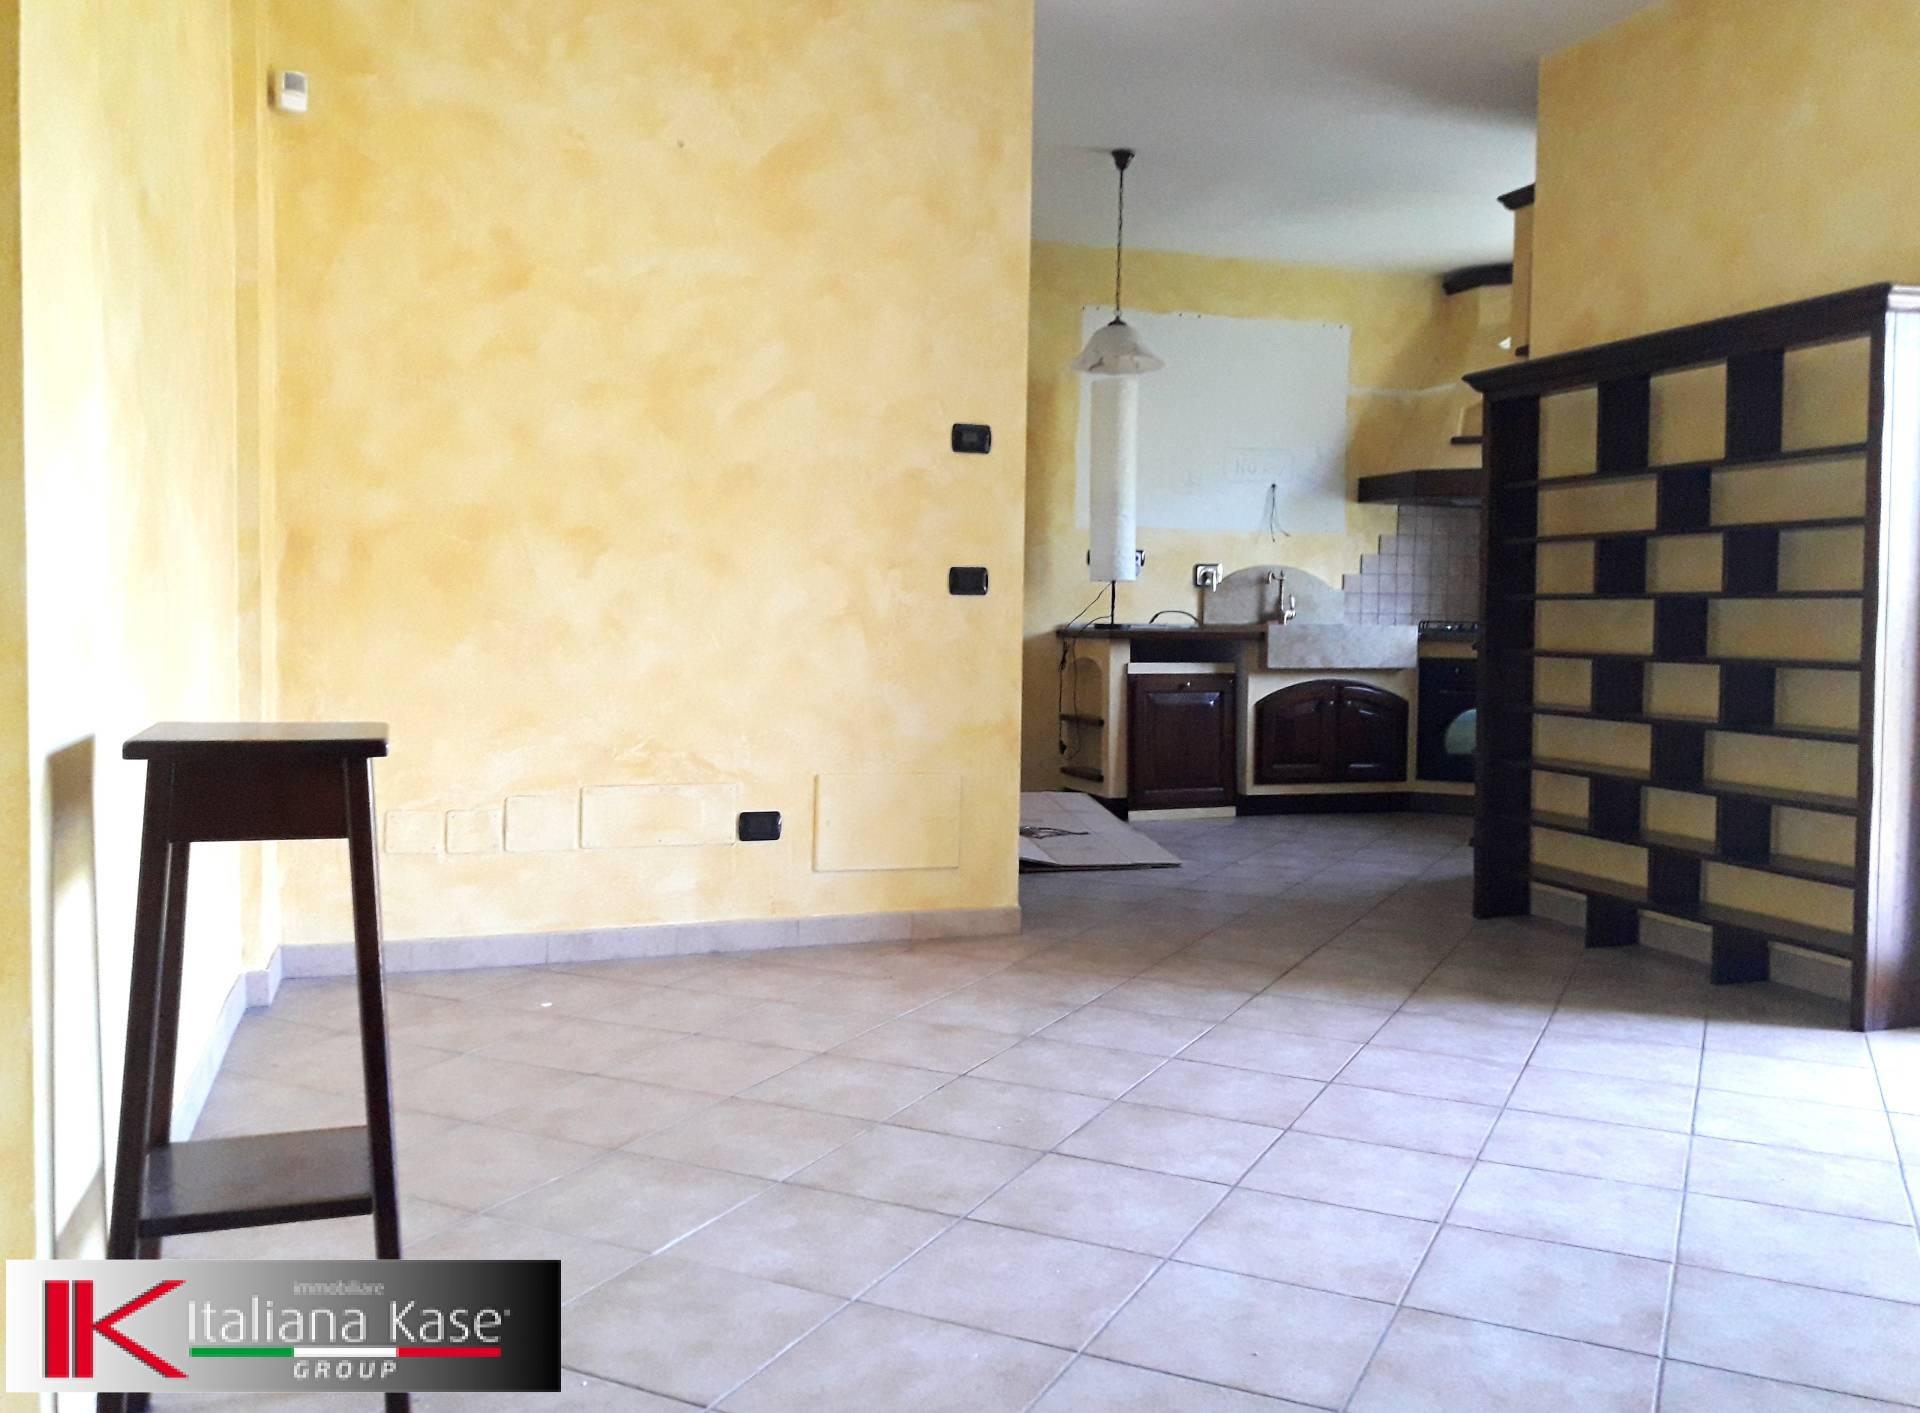 Appartamento in vendita a Gassino Torinese, 4 locali, zona Località: GassinoTorinese, prezzo € 155.000 | CambioCasa.it